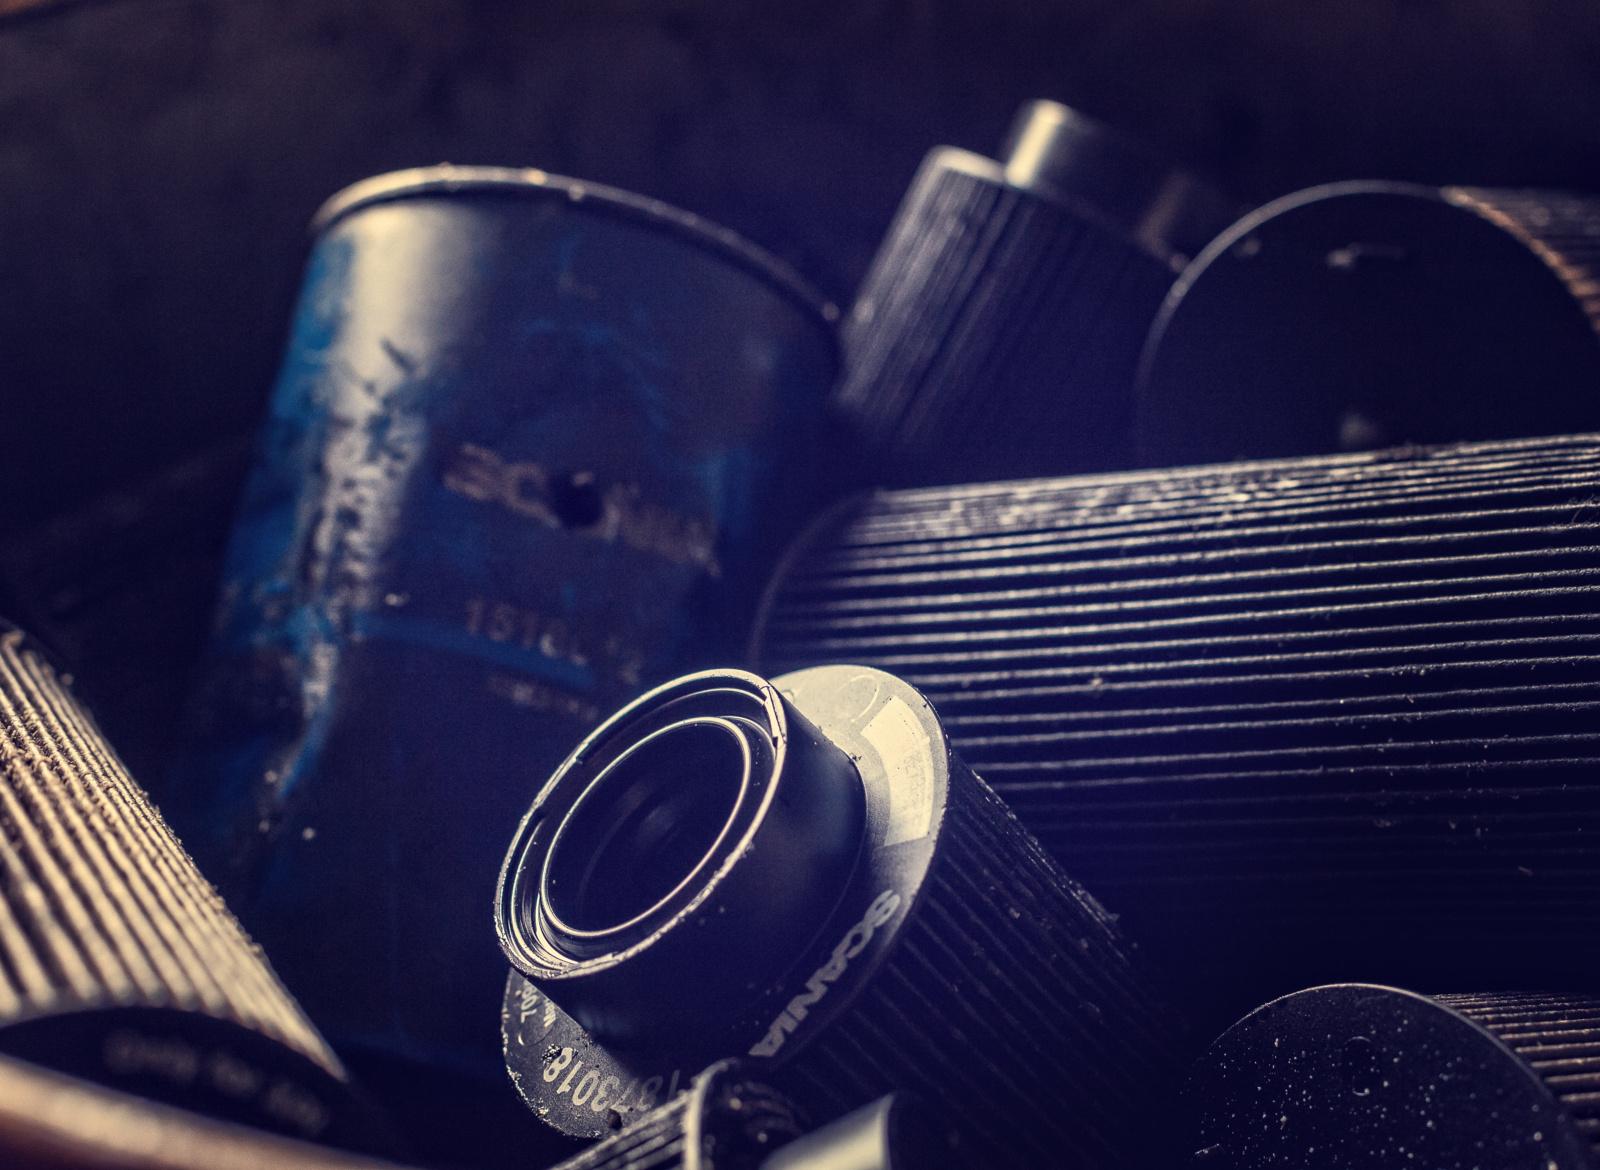 Ką turėtumėte daryti su automobilio remonto atliekomis?